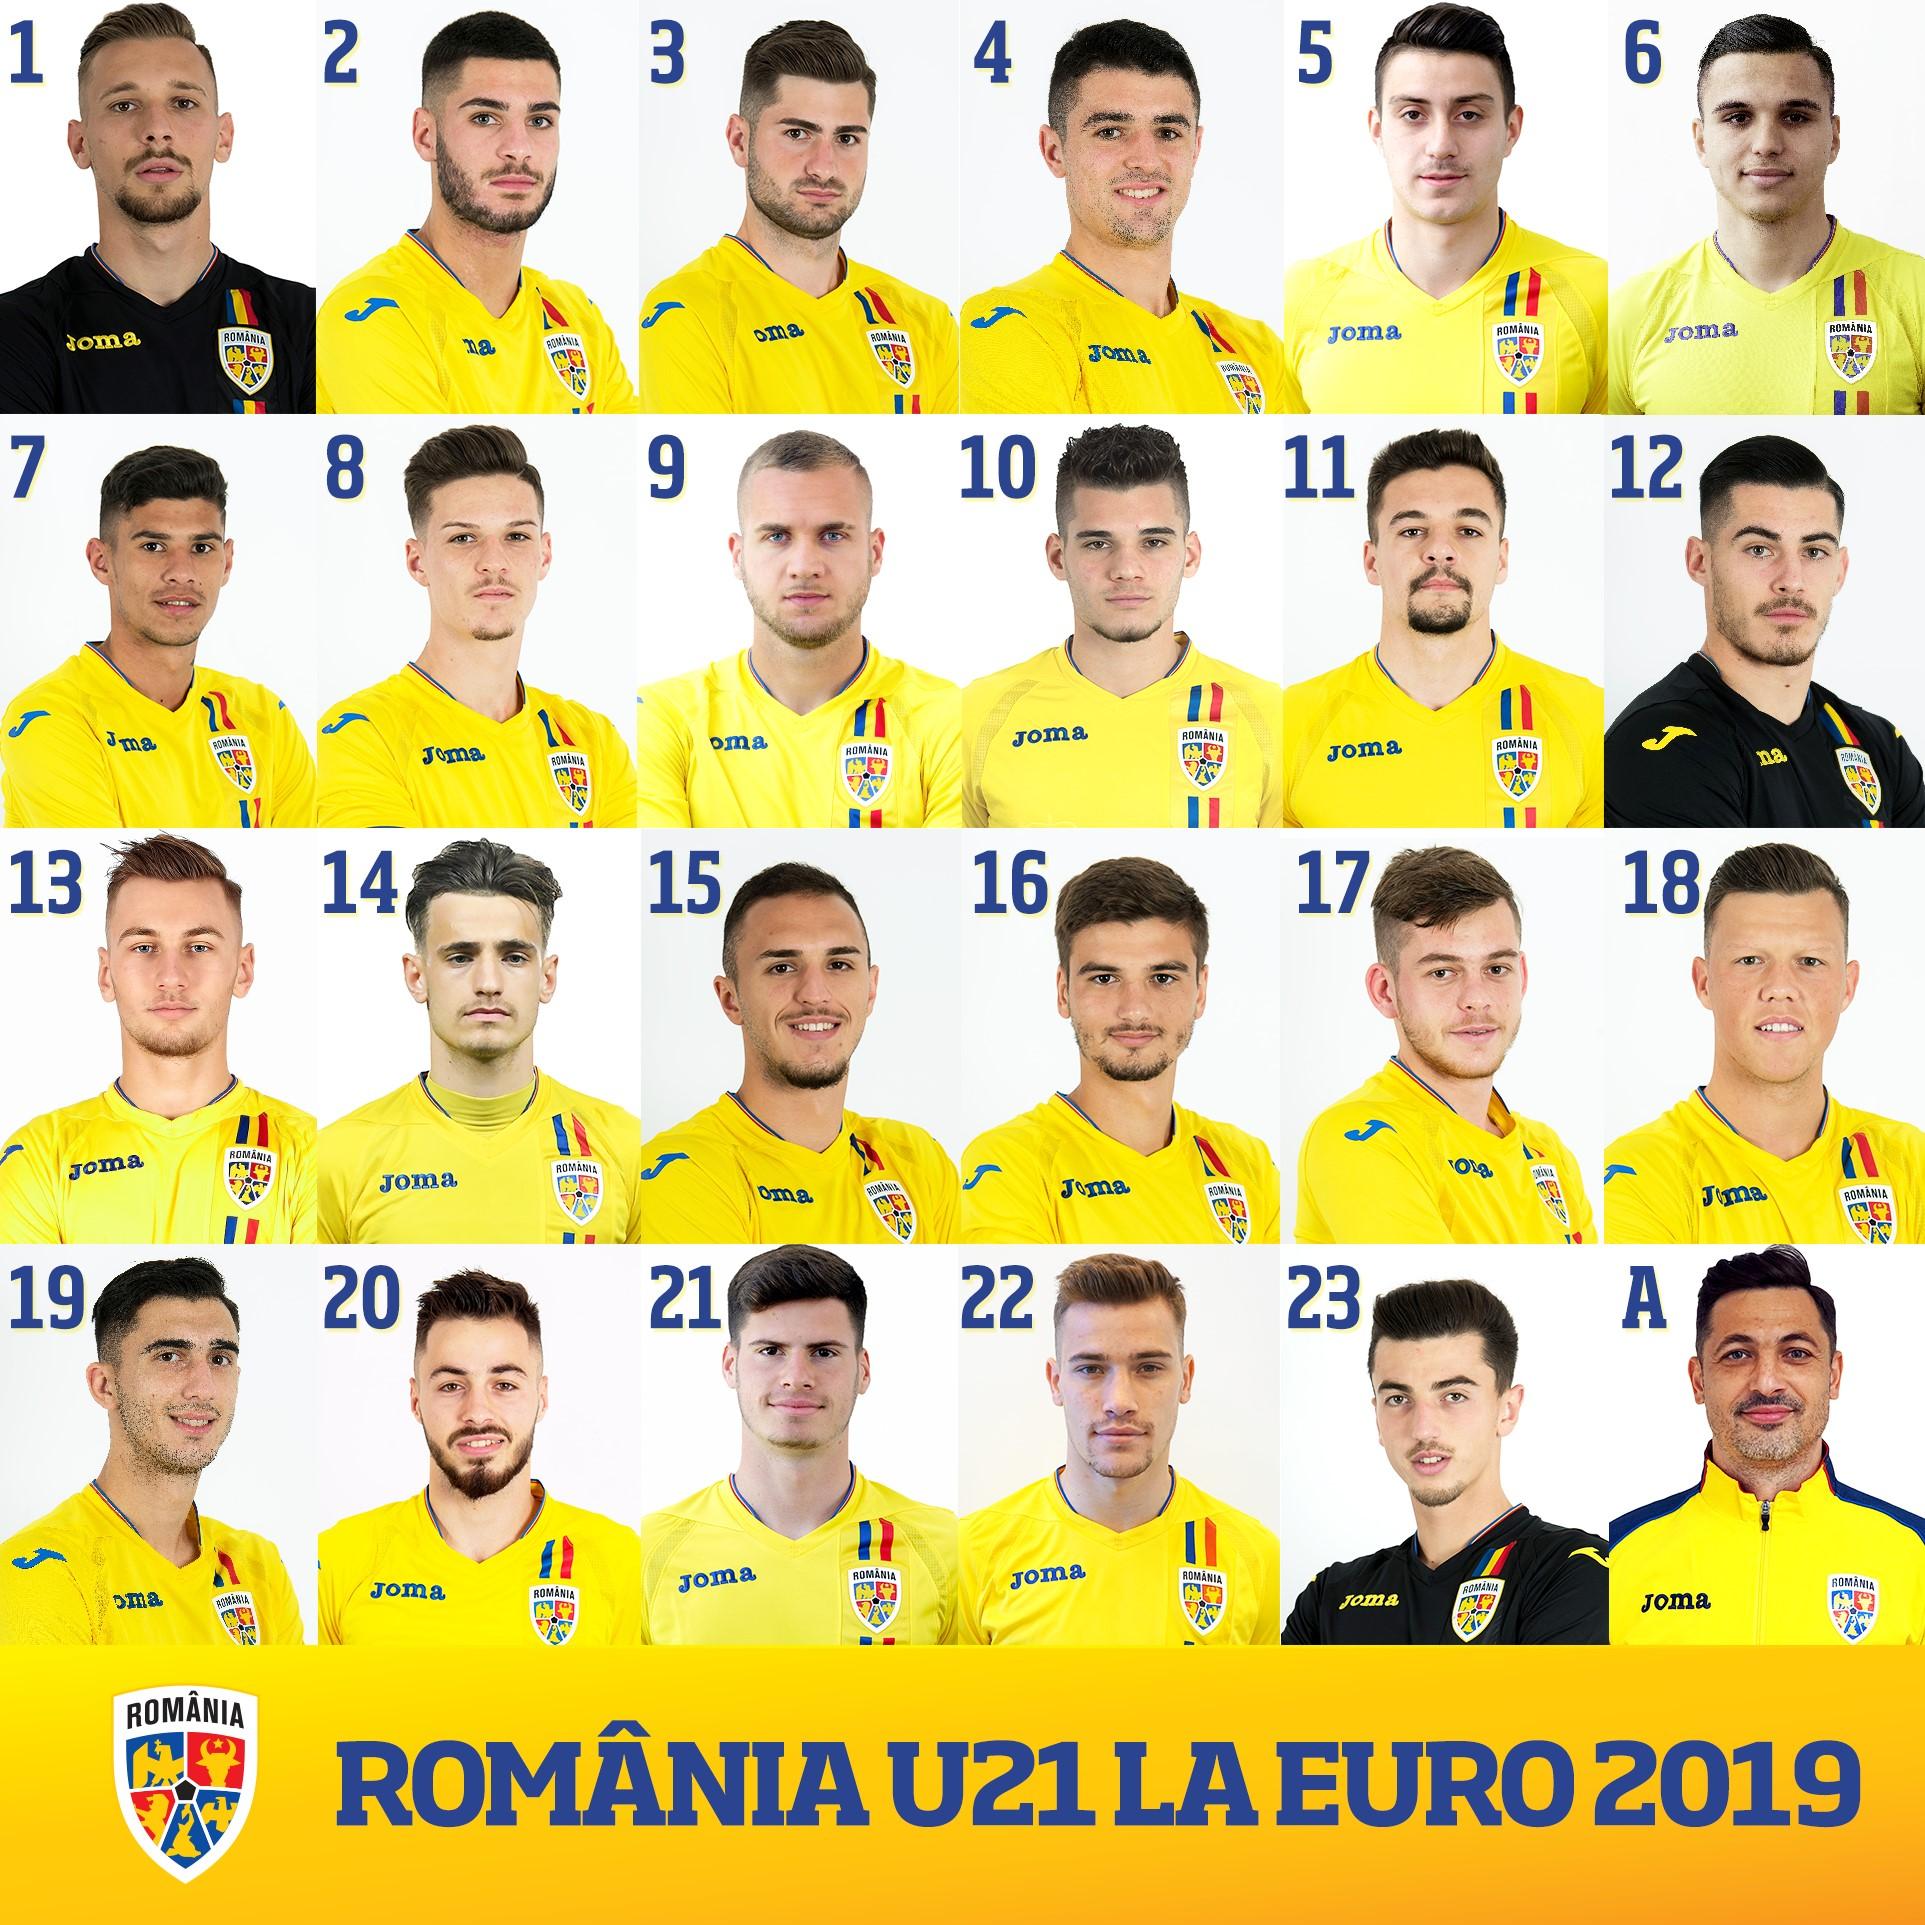 Tricolorii şi-au ales numerele de pe tricou pentru EURO 2019